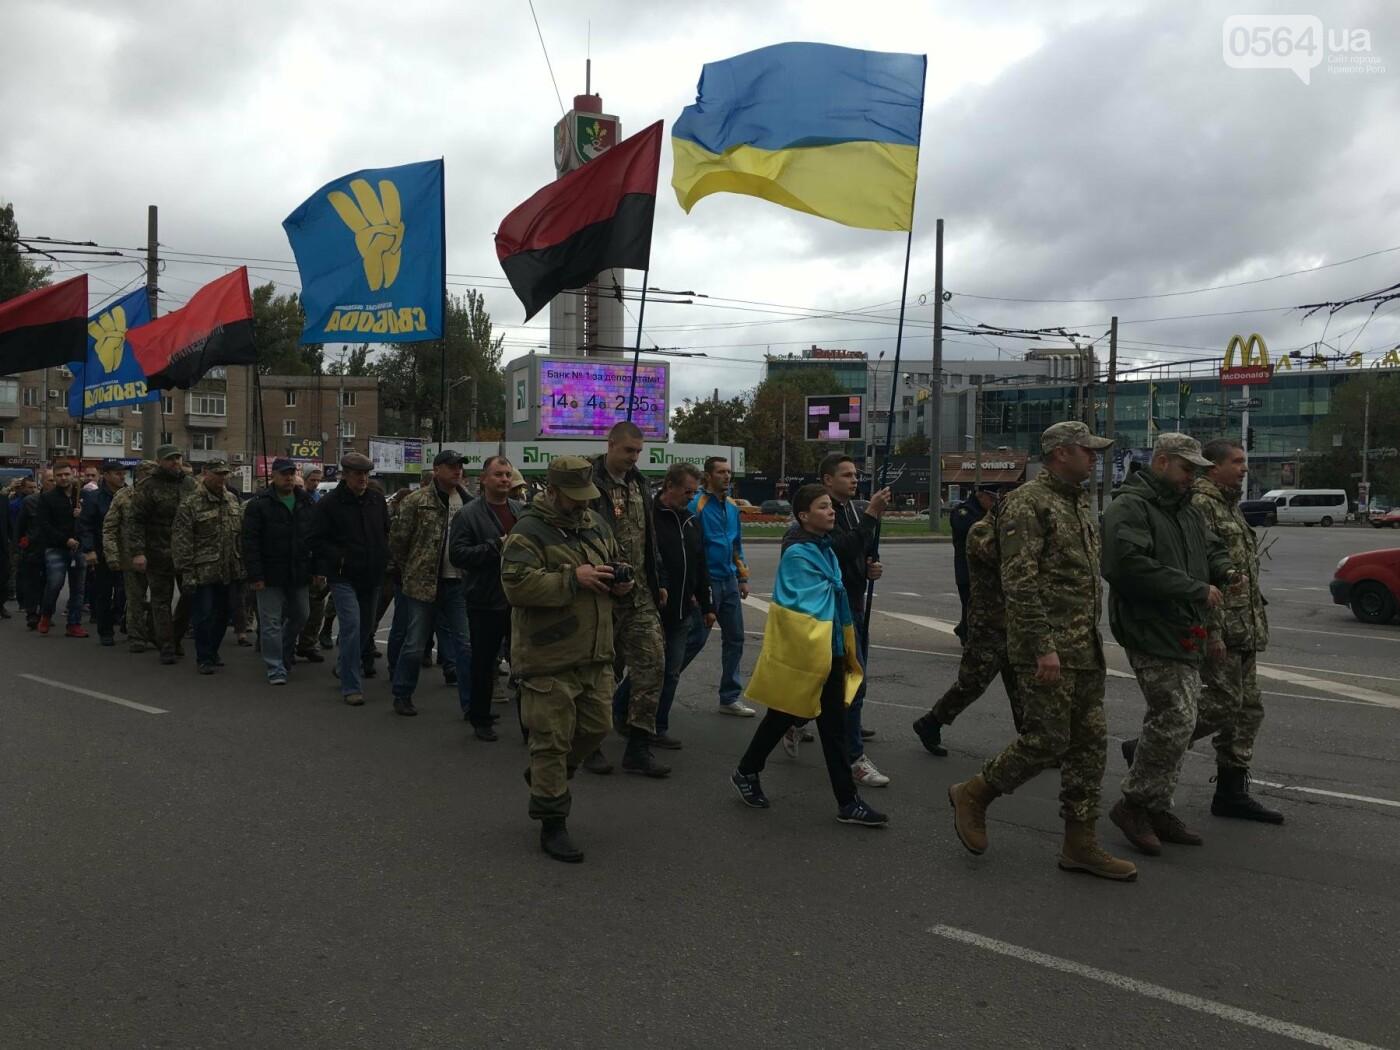 В Кривом Роге состоялся Марш Защитников Украины (ФОТО, ВИДЕО), фото-9